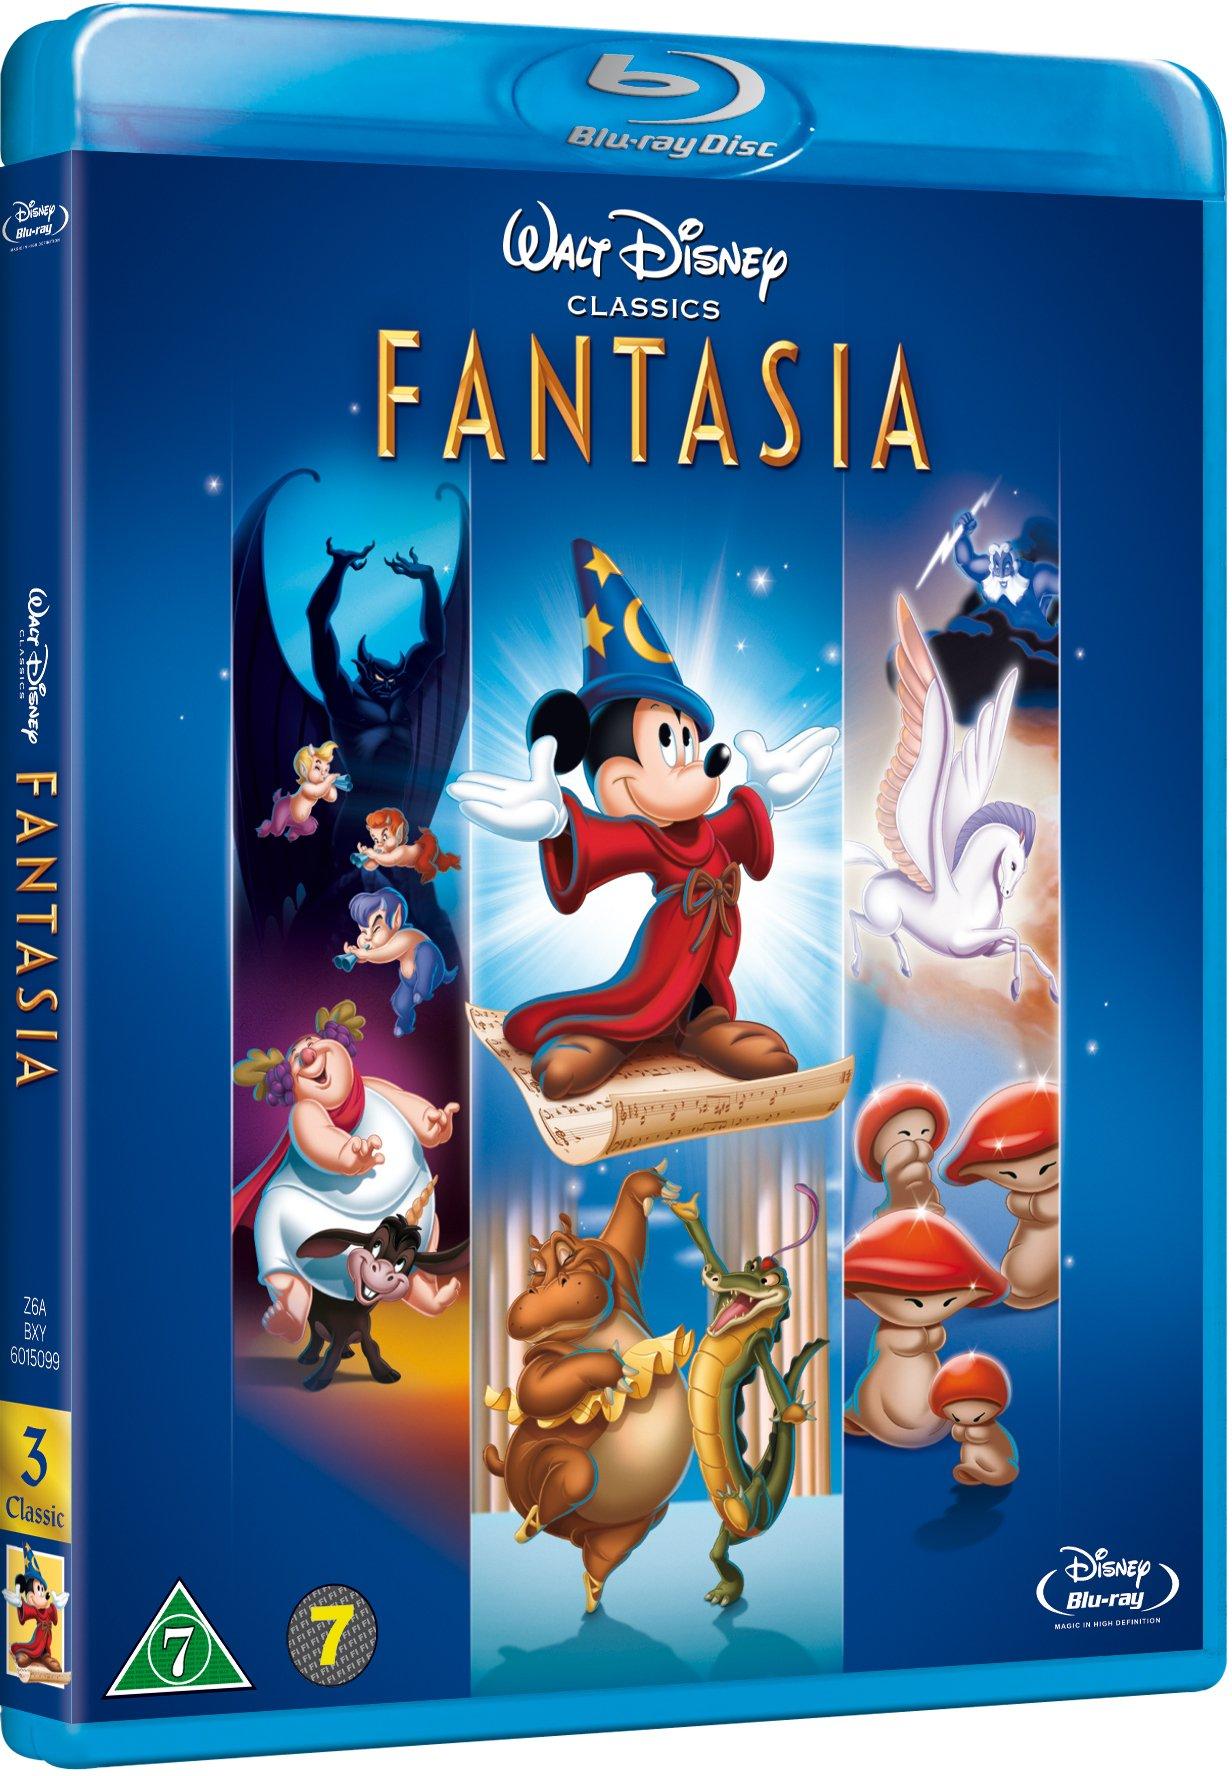 Fantasia Disney classic #3